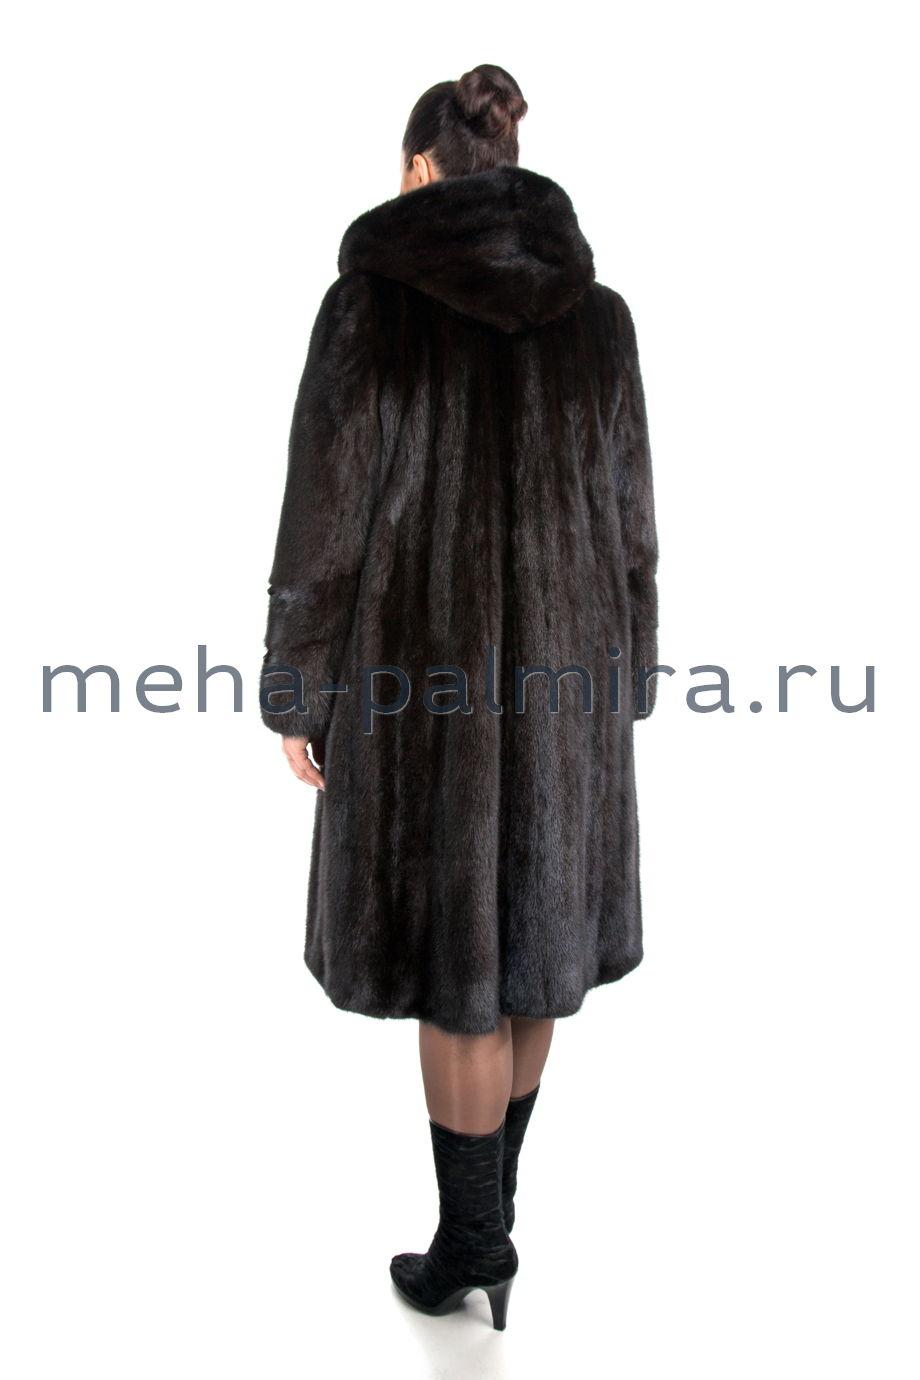 Женская норковая шуба годе с капюшоном, цвет коричневый